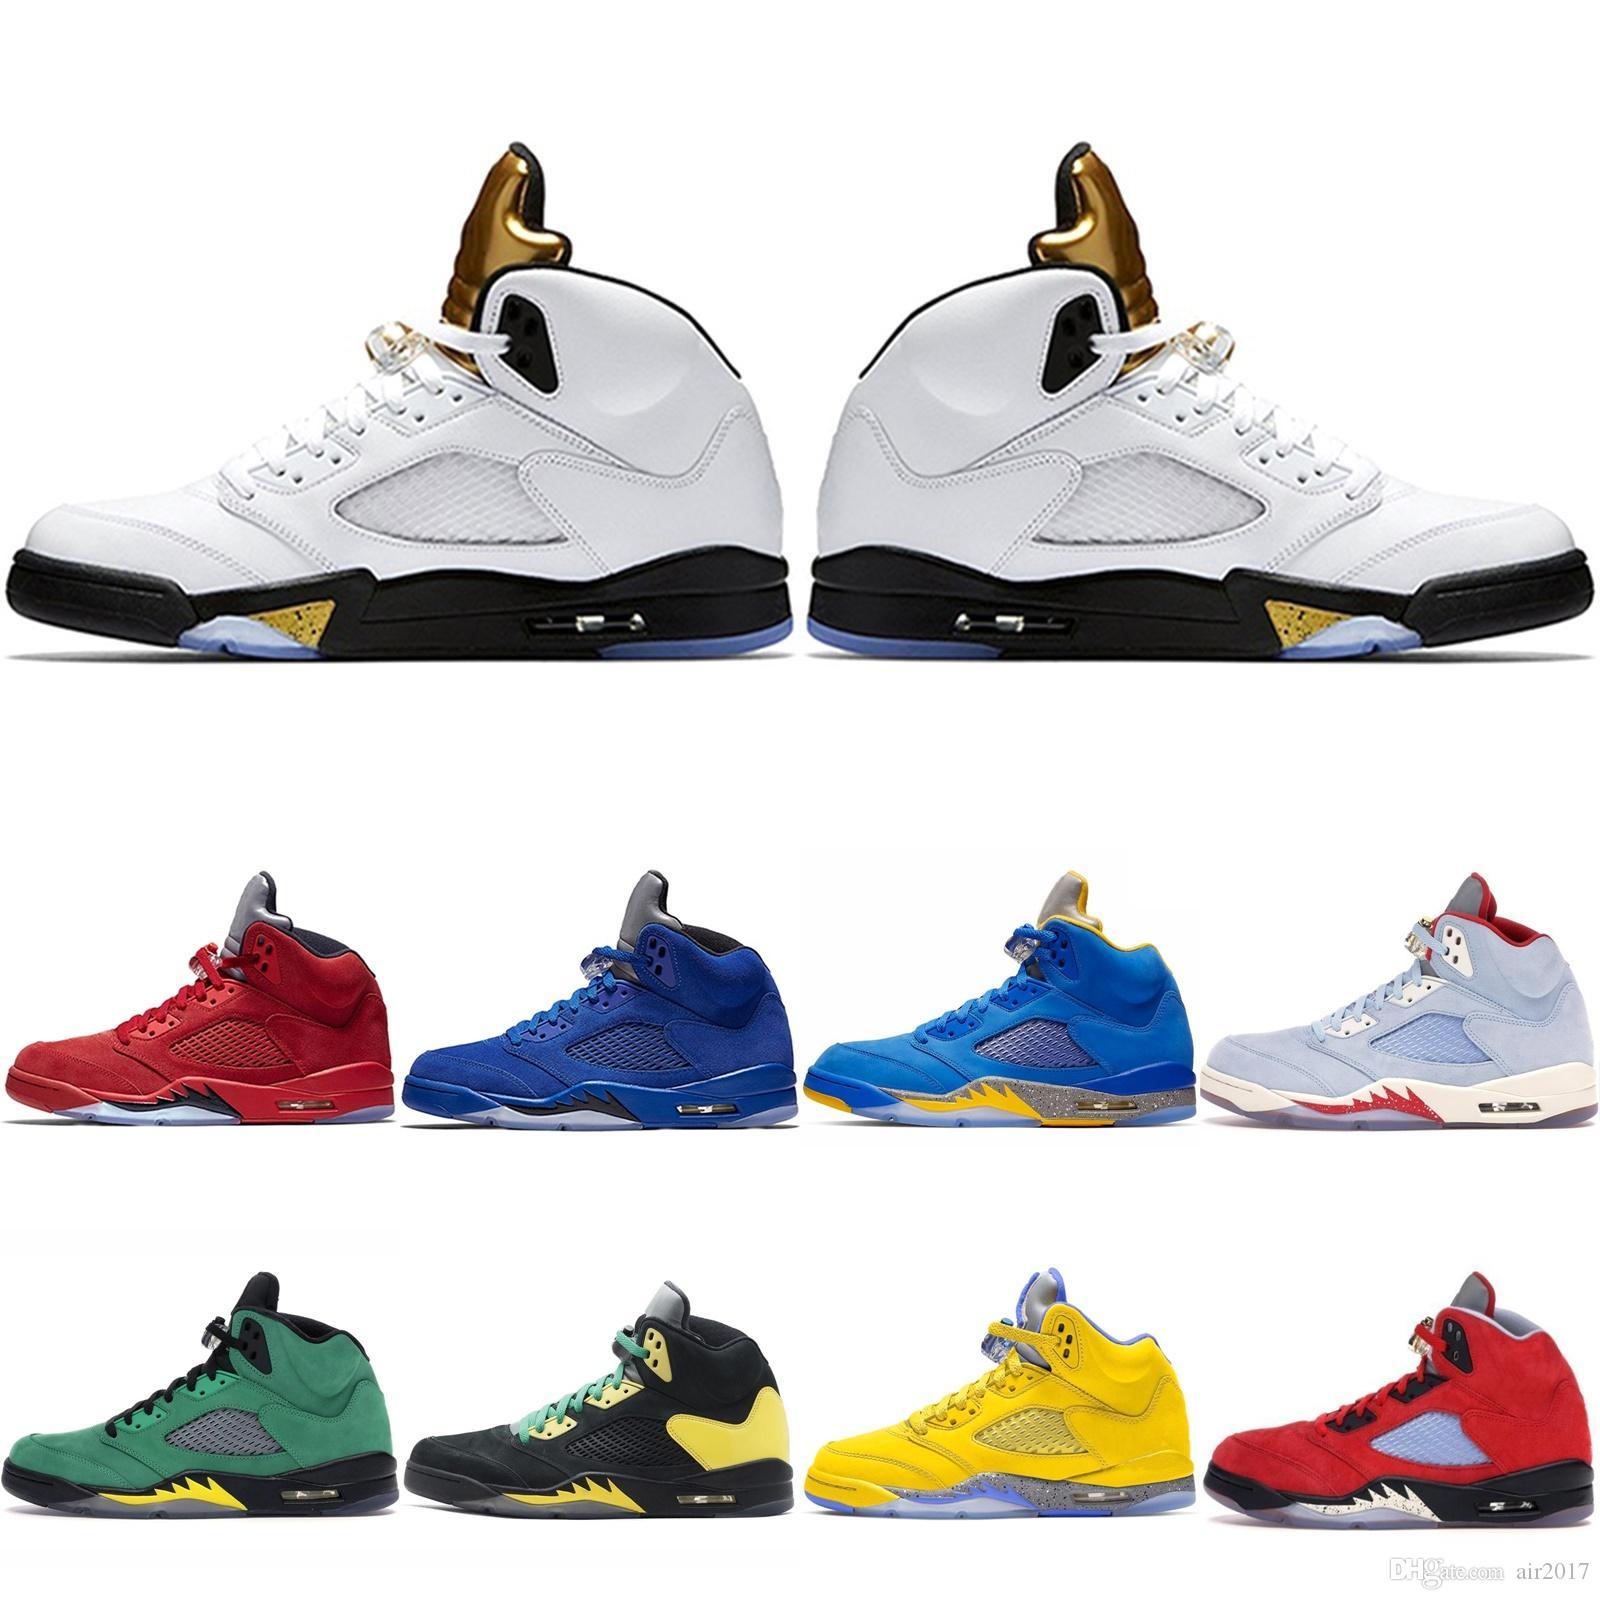 Retro 5 5s 11s 13s 11 12 Zapatos de Michigan baloncesto de los hombres amarillos rojos deportivas blancas negras zapatillas de deporte para hombre entrenadores